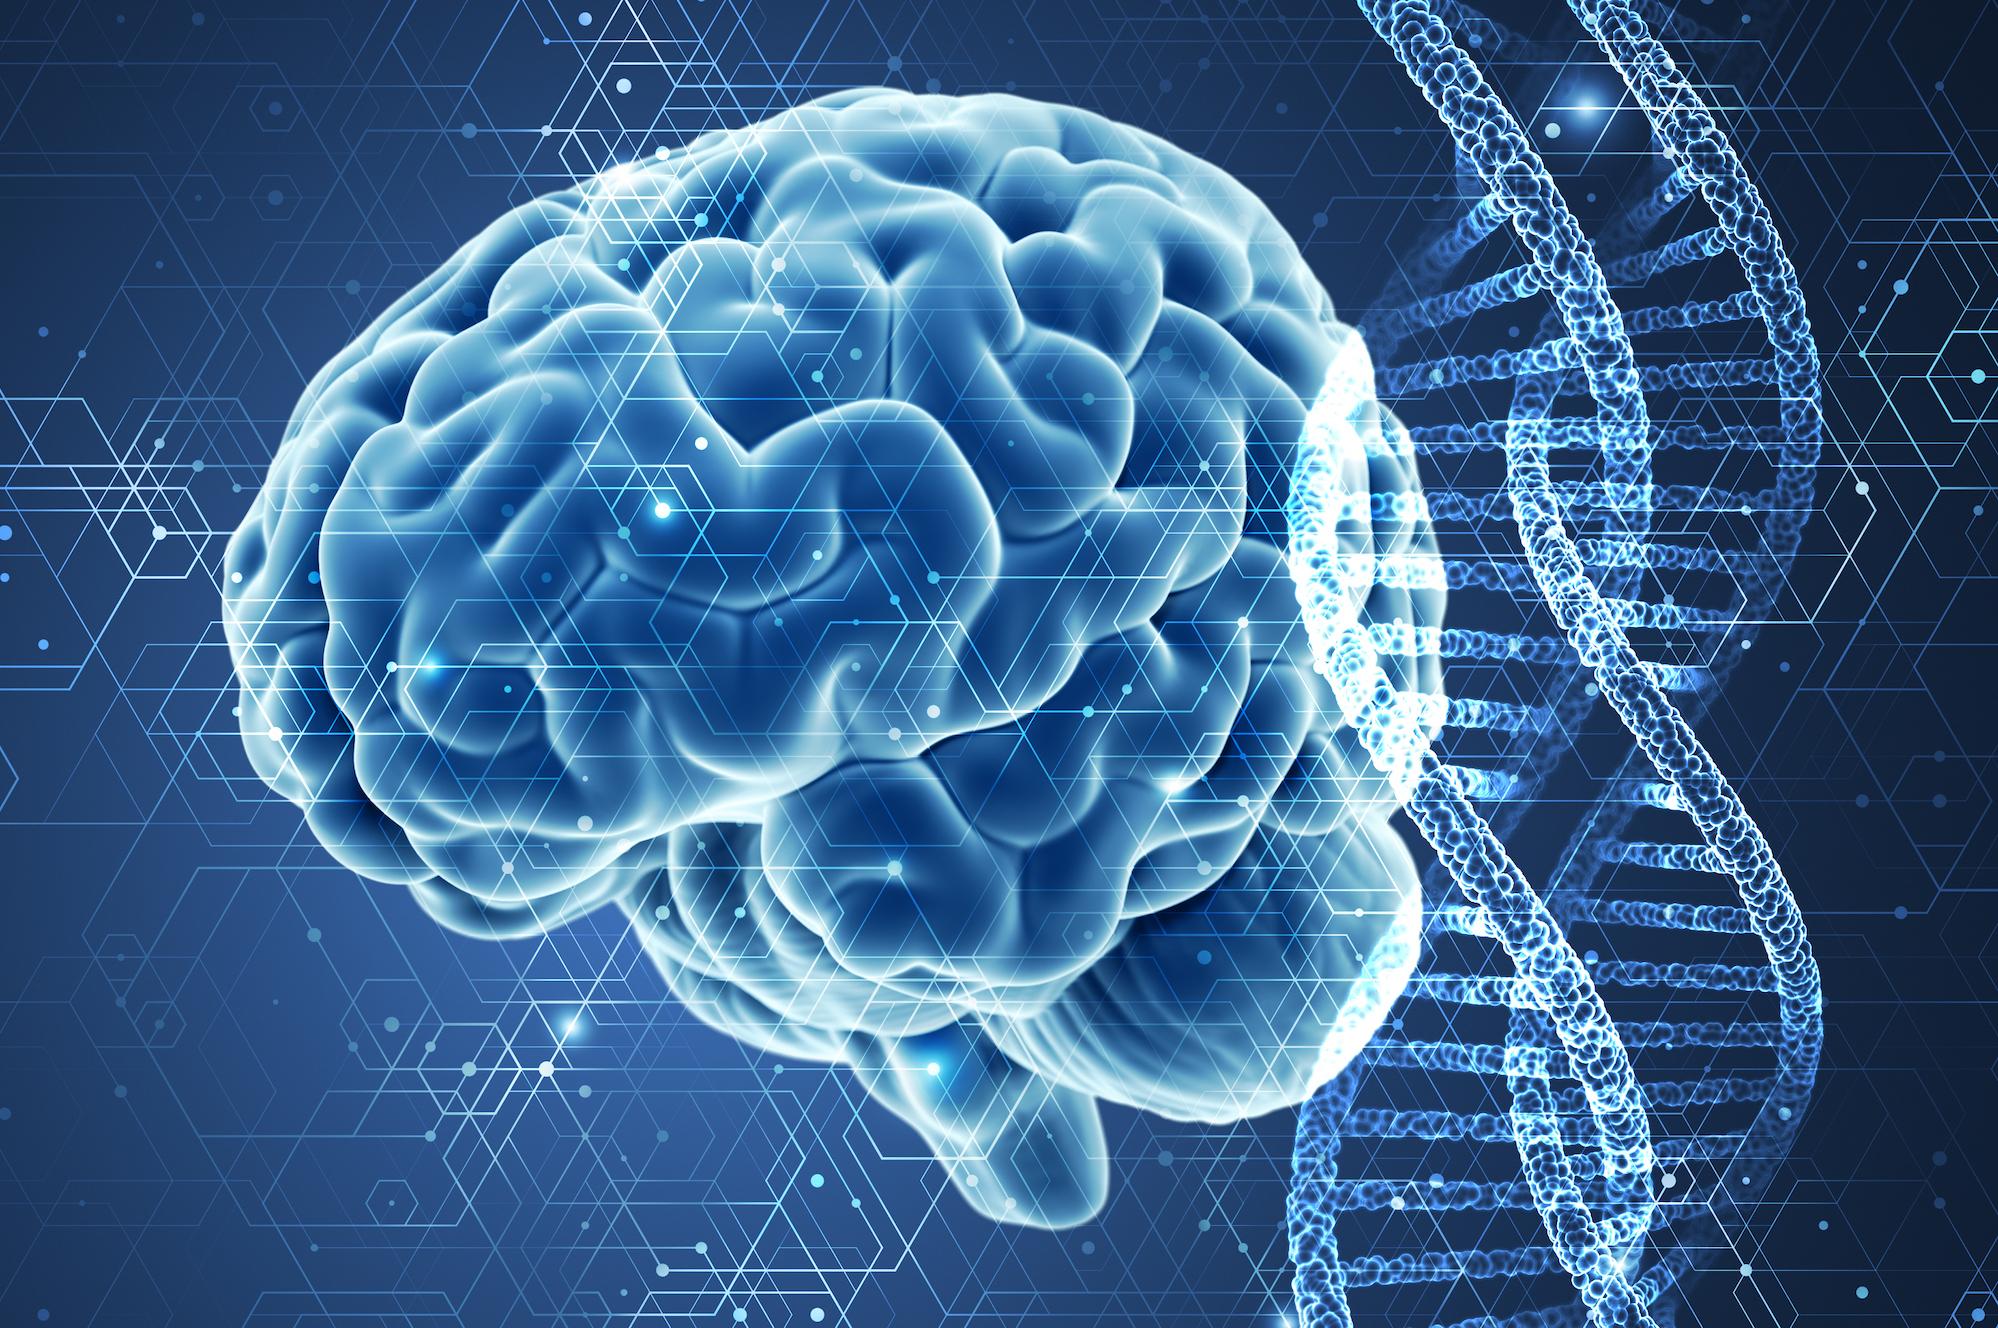 Εγκέφαλος ανδρικός γυναικείος: Μωσαϊκό διαφορετικών μοτίβων ανεξαρτήτως φύλου